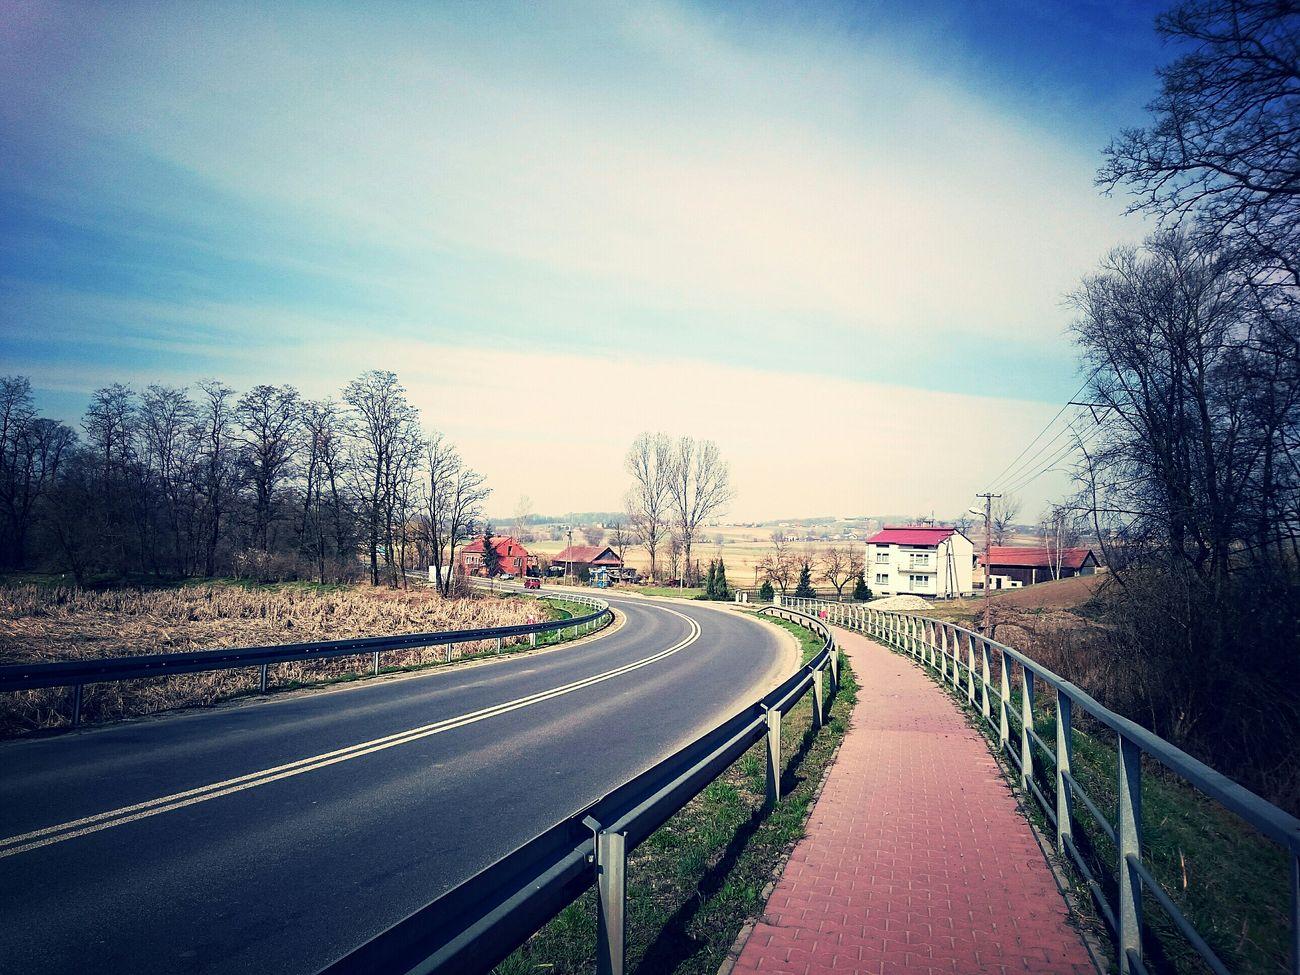 On The Road Poland Landscape Road View Hello World Taking Photos Blue Sky w Donosy Świętokrzyskie